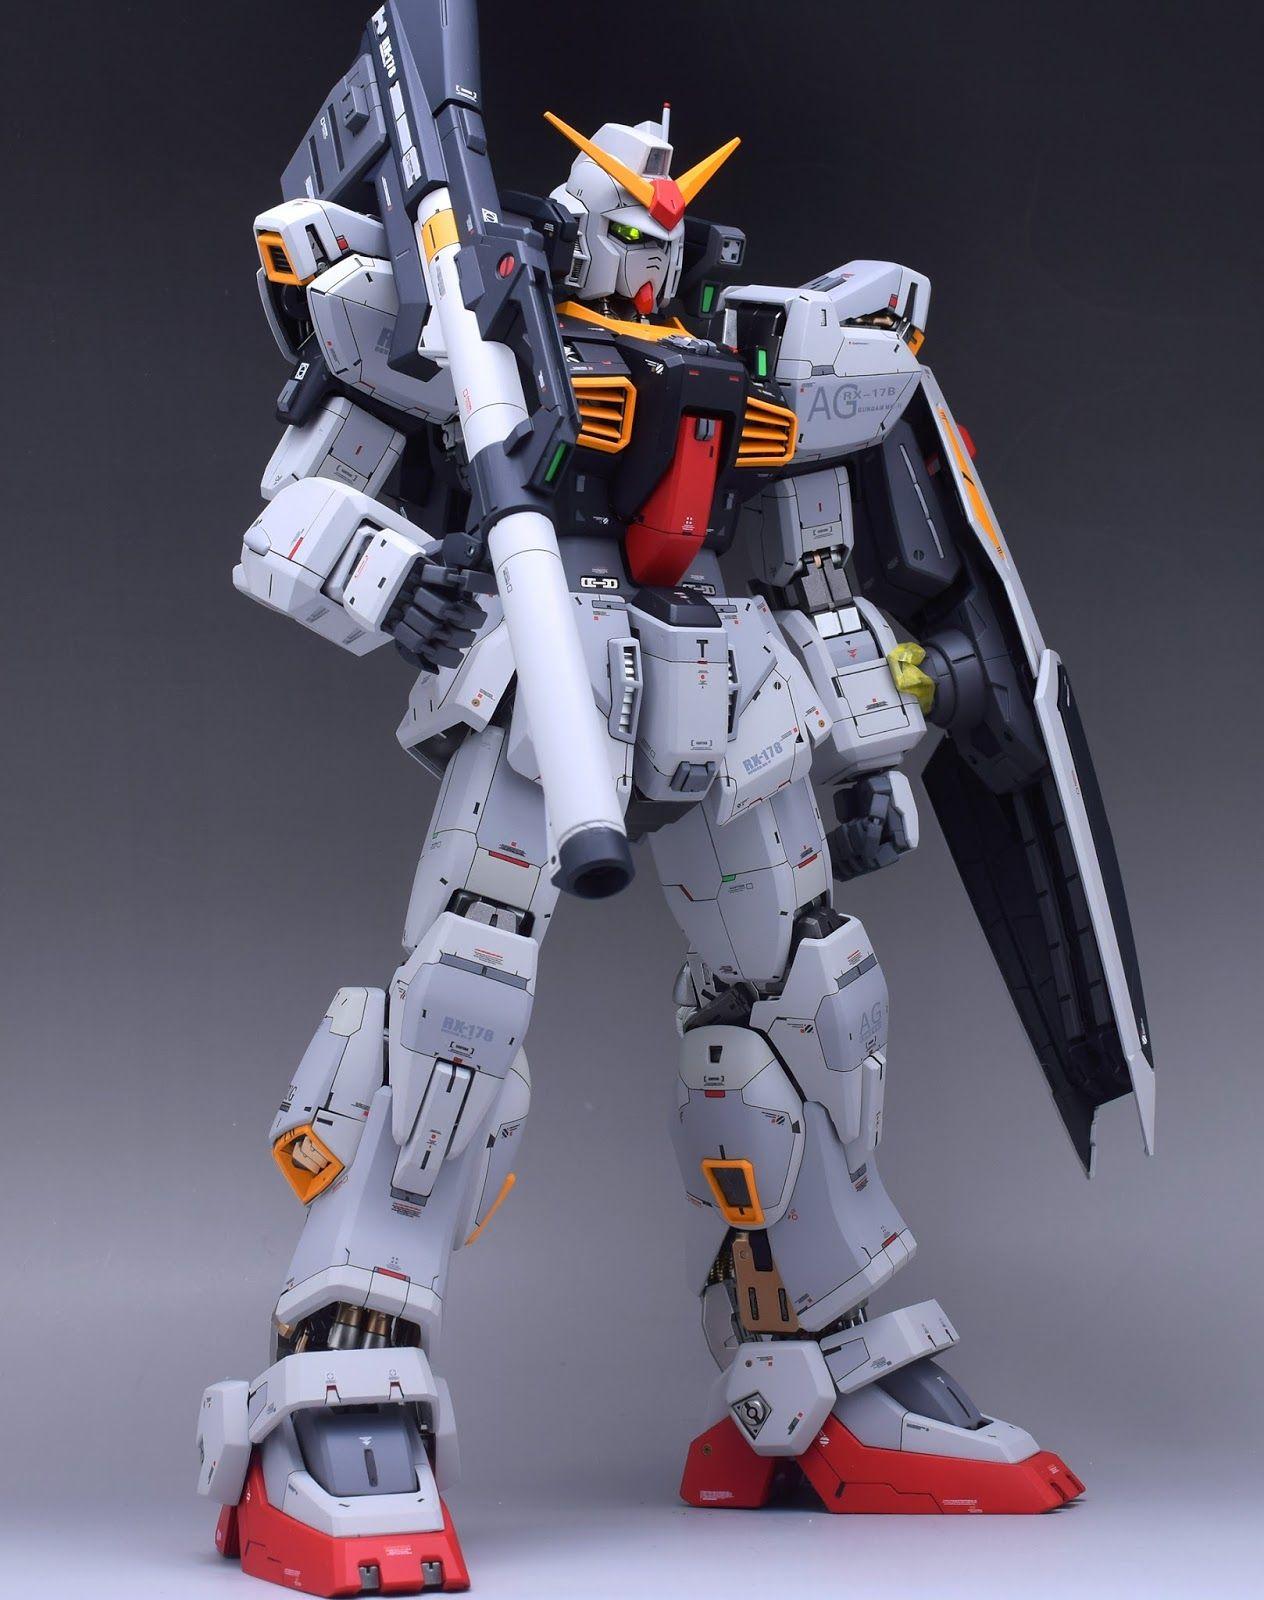 GUNDAM GUY: PG 1/60 Gundam Mk-II AEUG - Customized Build